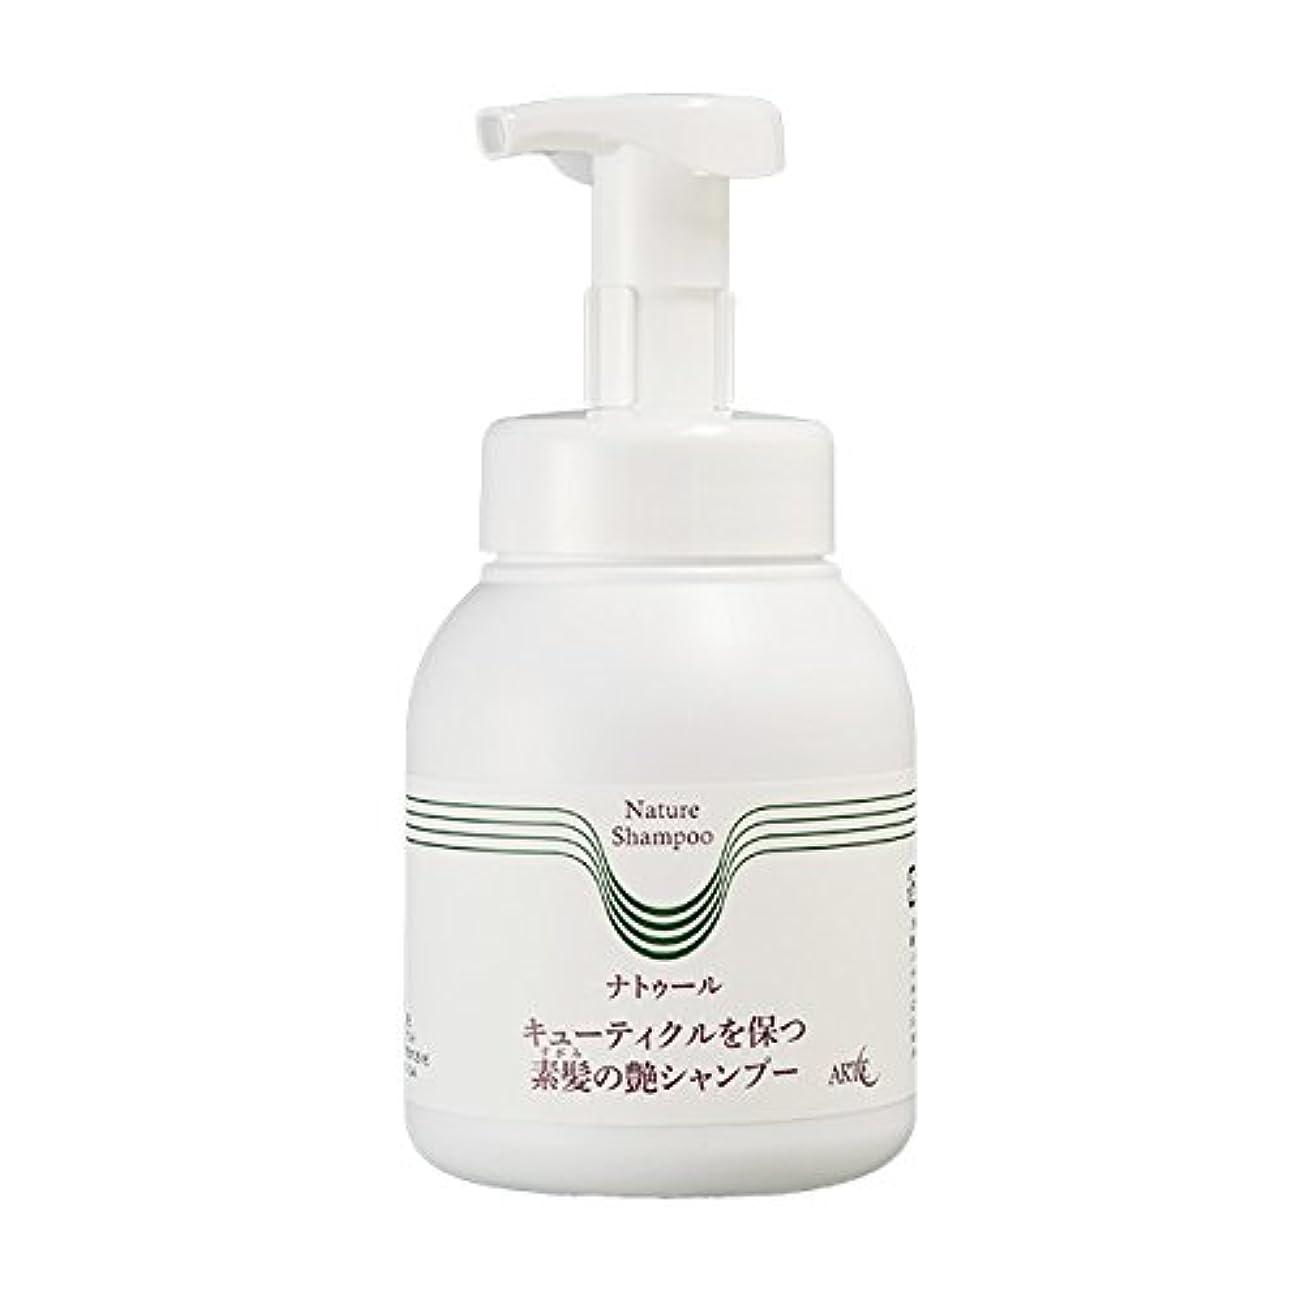 雄弁なささやきレモンアルテ 素髪の艶シャンプー 500ml